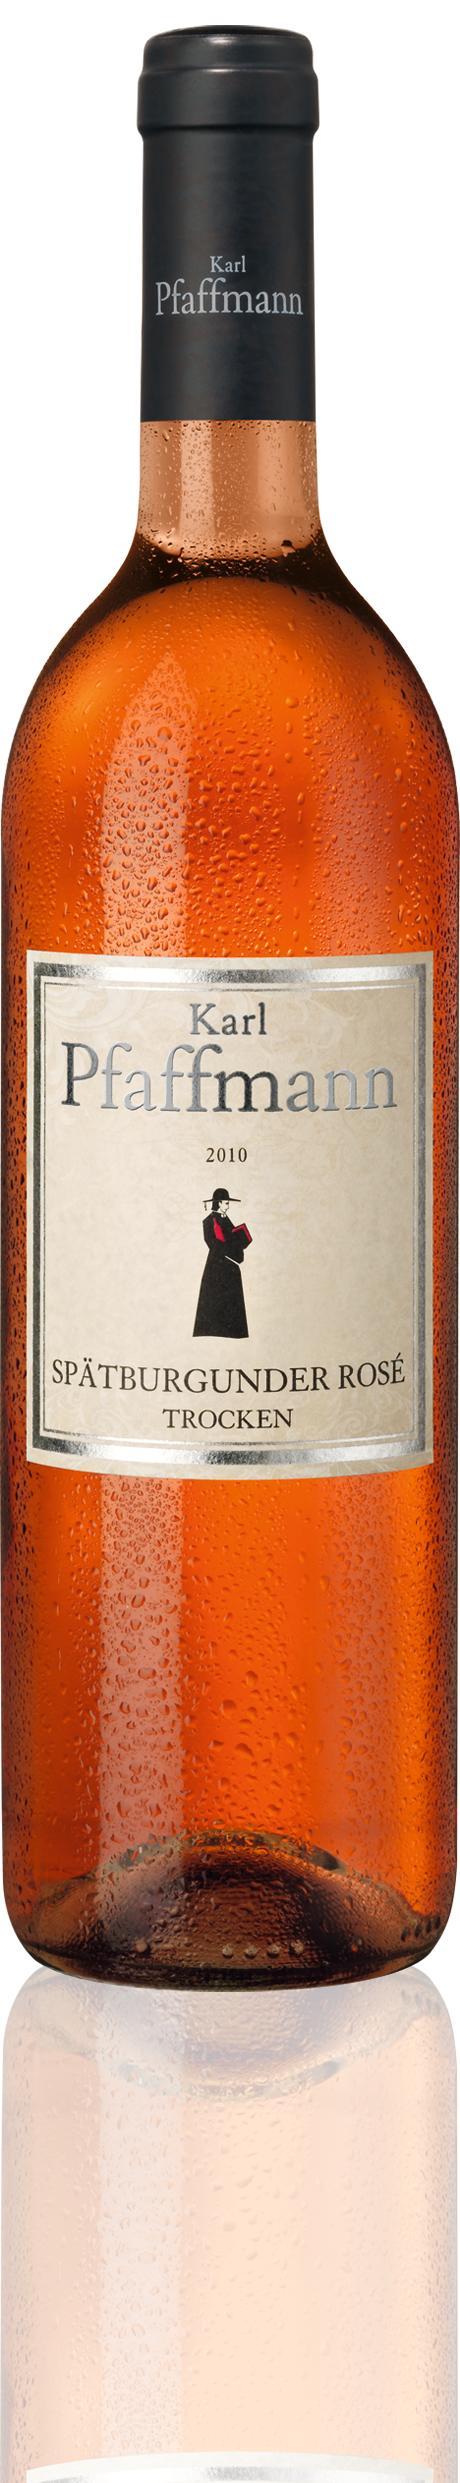 Pfaffmann Spätburgunder Rose